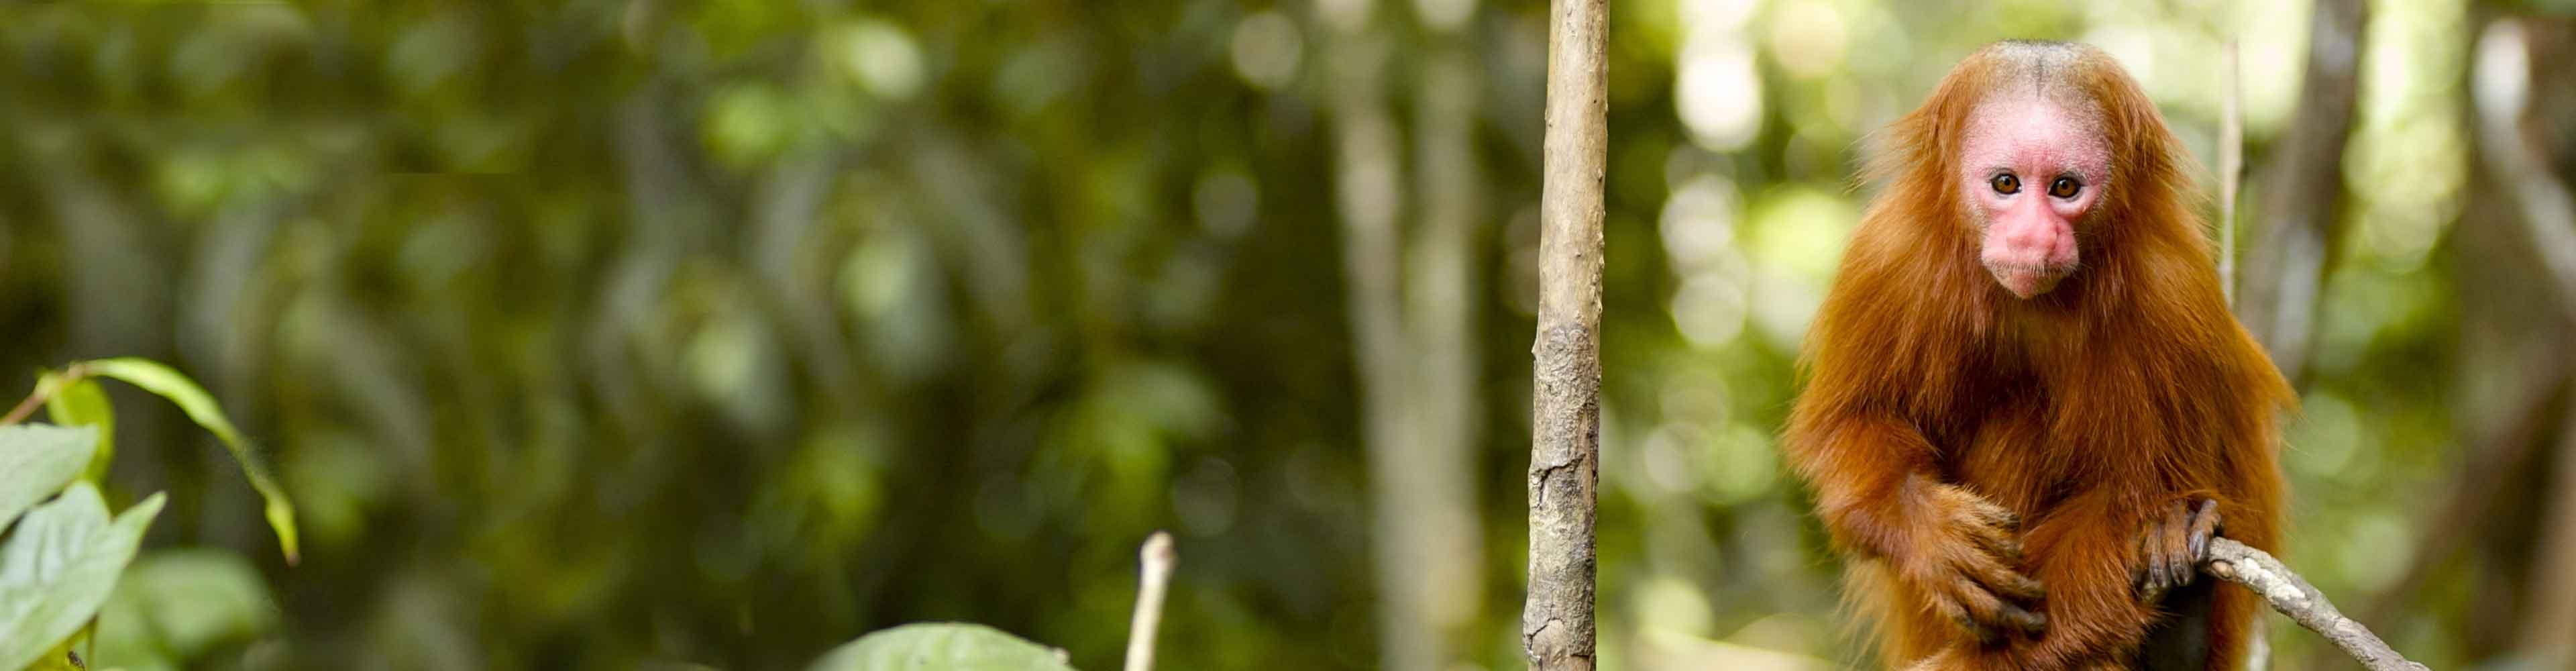 Peru Jungle Experience – Independent